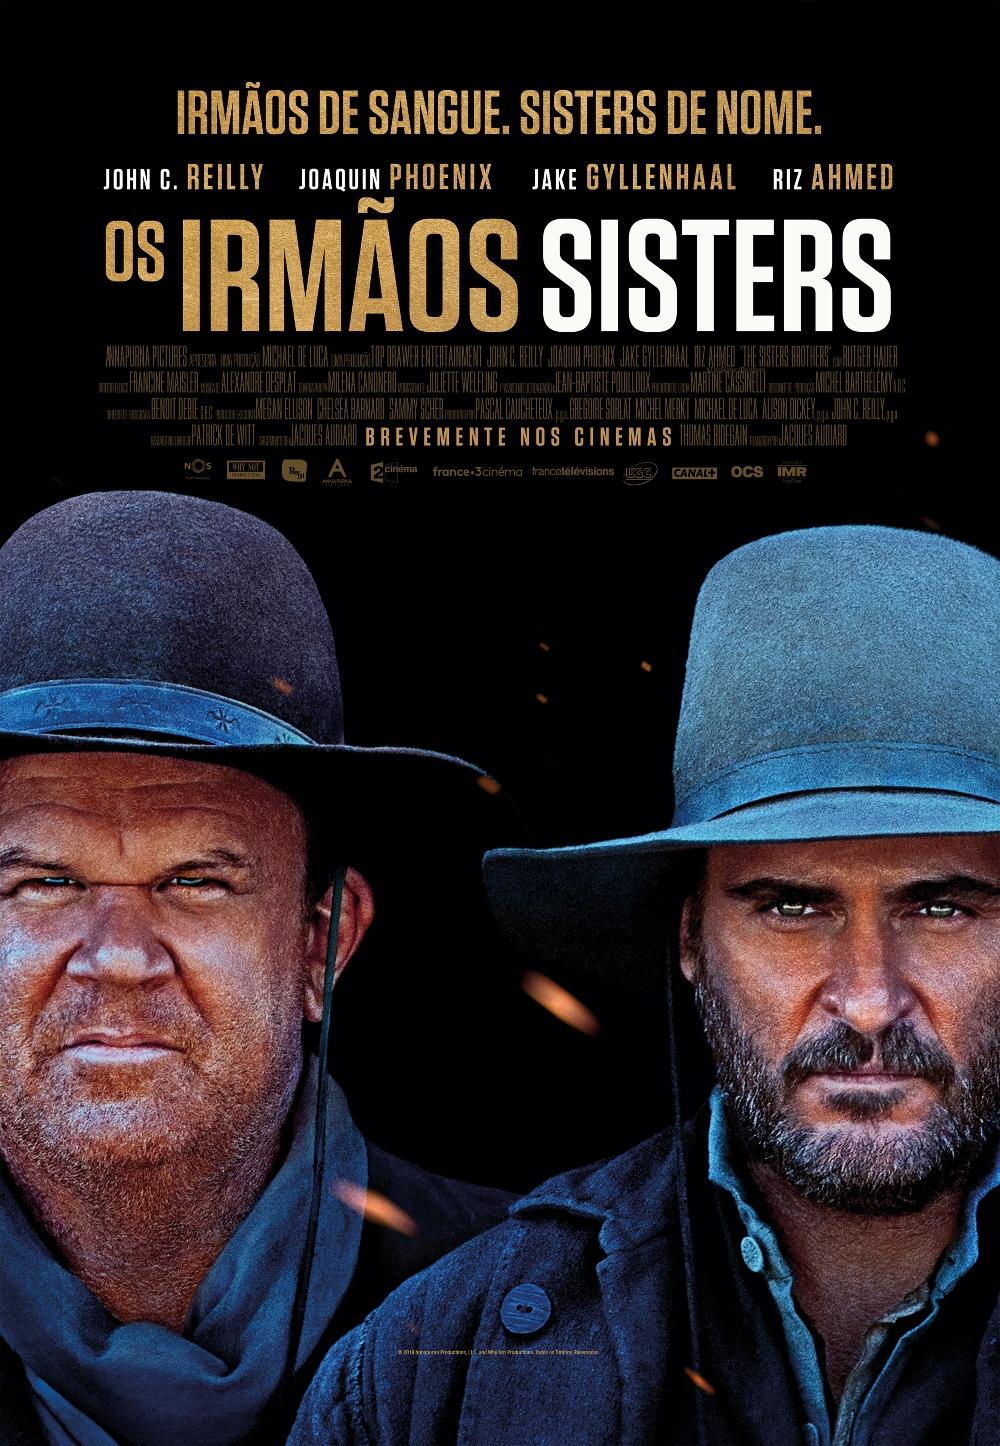 Filme da Semana - OS IRMÃOS SISTERS, de Jacques Audiard